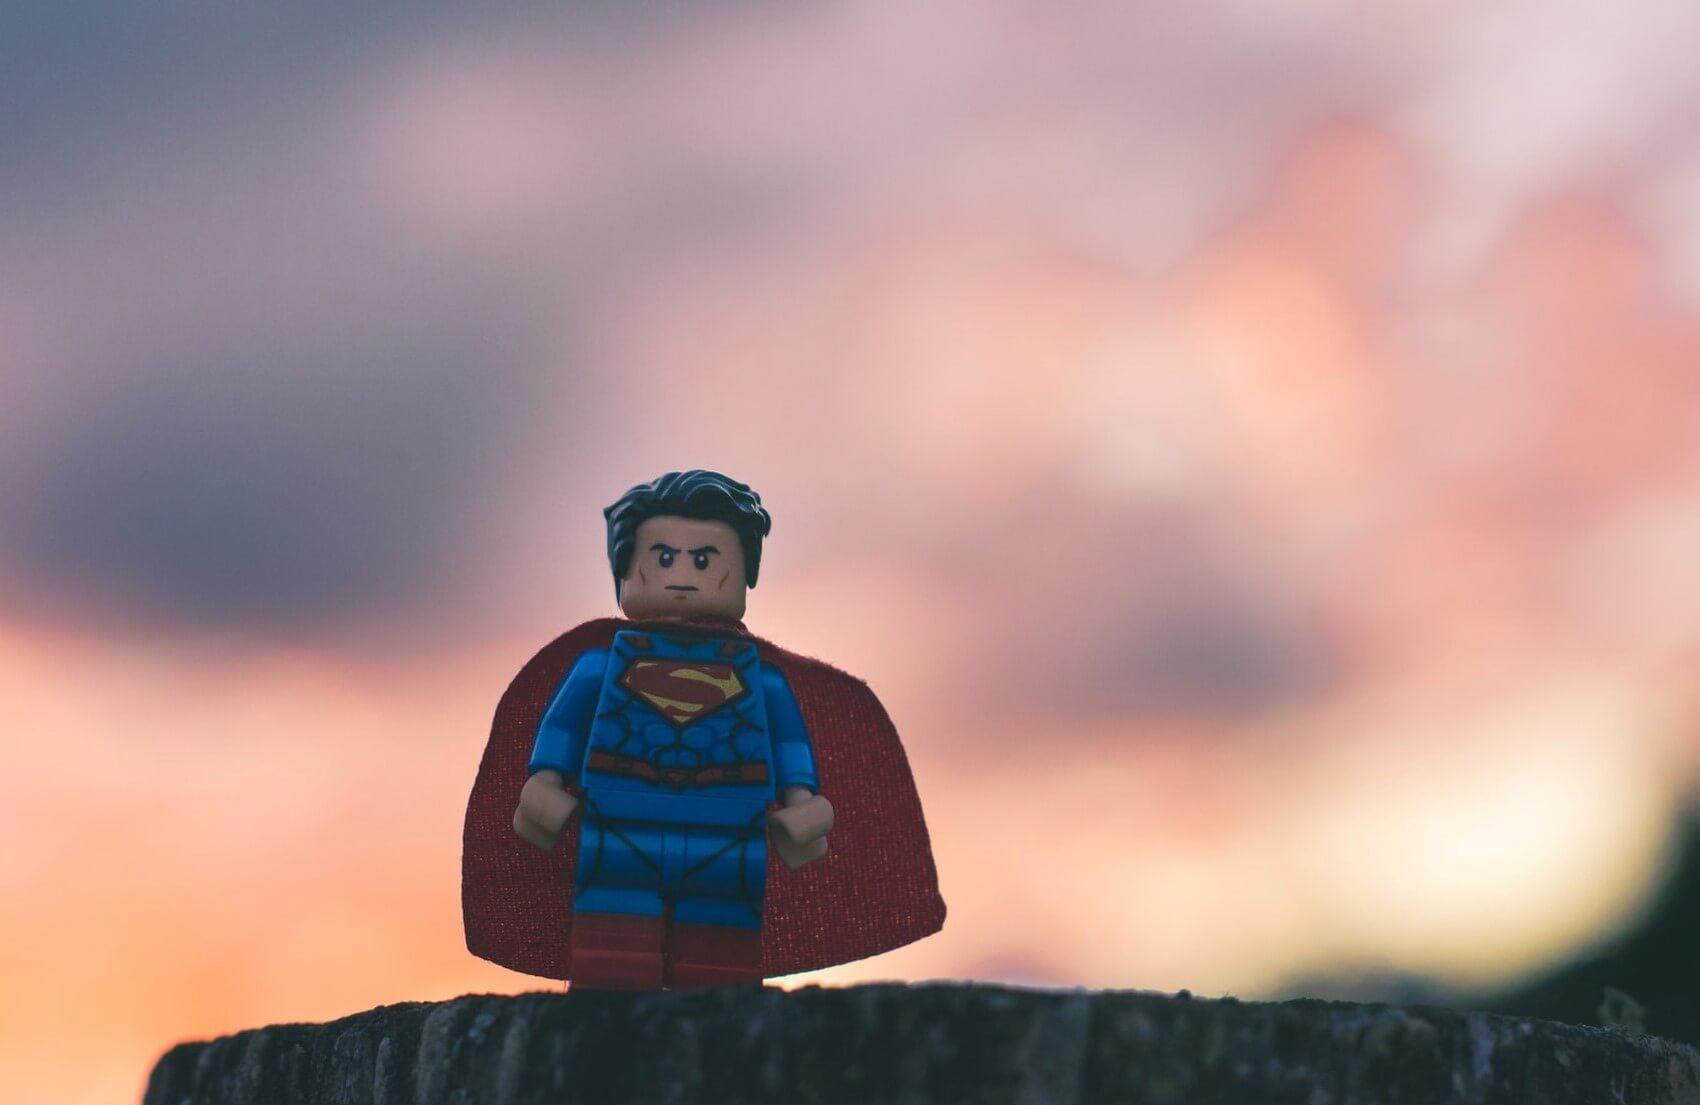 """[21.09.30] 障がい者スタッフが、社会課題を解決する""""未来のヒーロー""""になる。"""